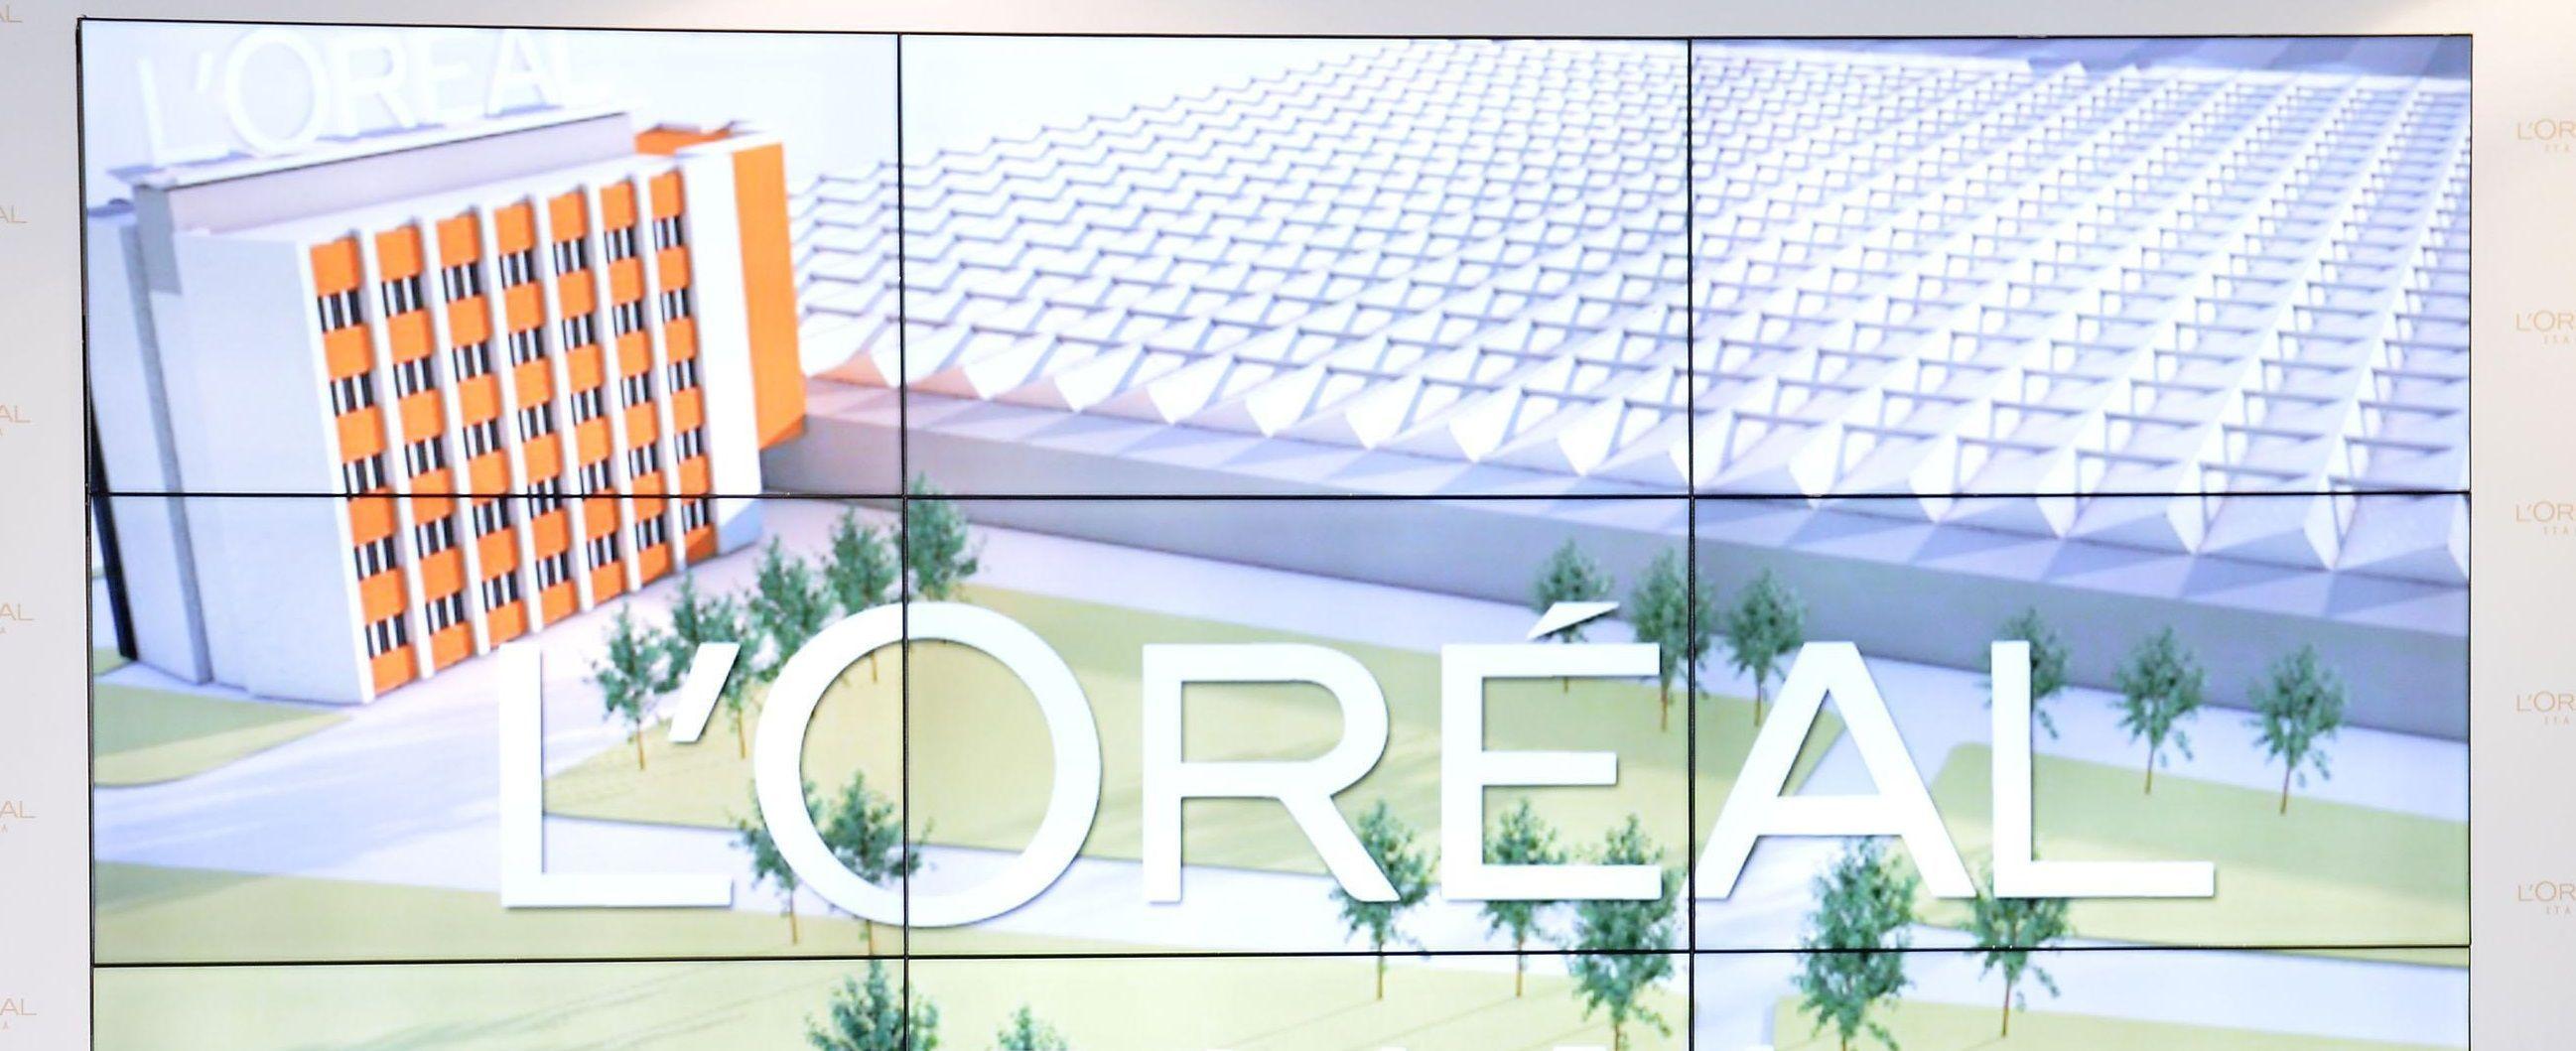 Sostenibilità: tripla A a L'Oréal per l'ambiente e la diminuzione di emissioni di CO2